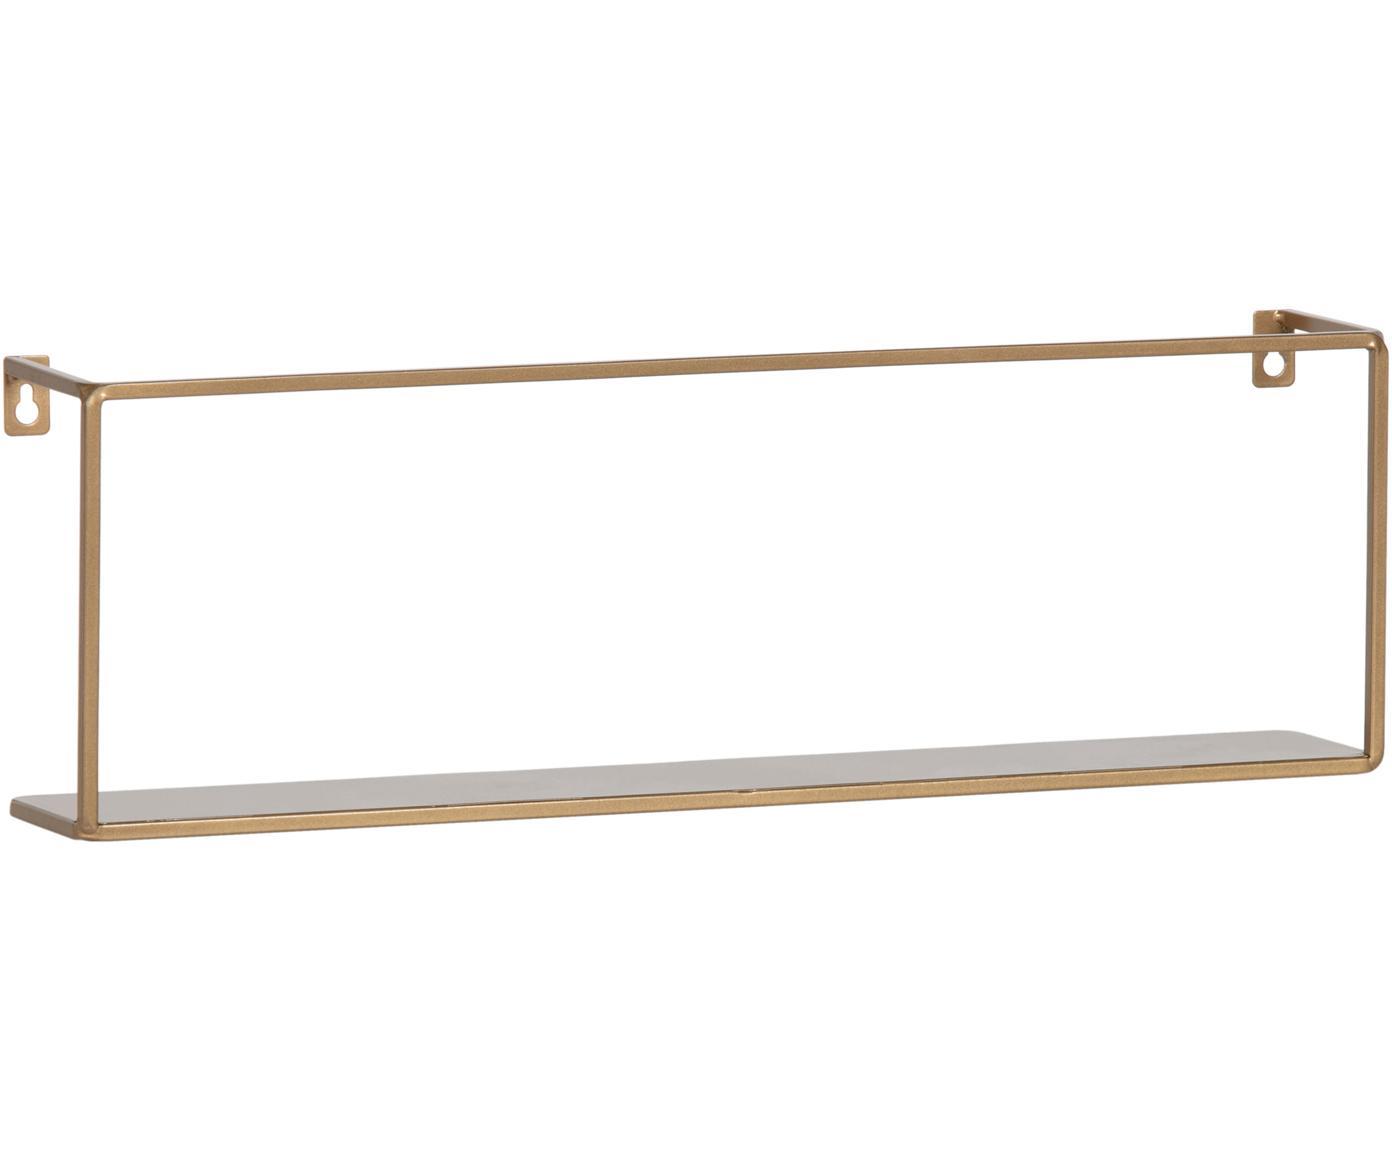 Metalen wandrek Meert, goudkleurig, Gecoat metaal, Messingkleurig, 50 x 16 cm